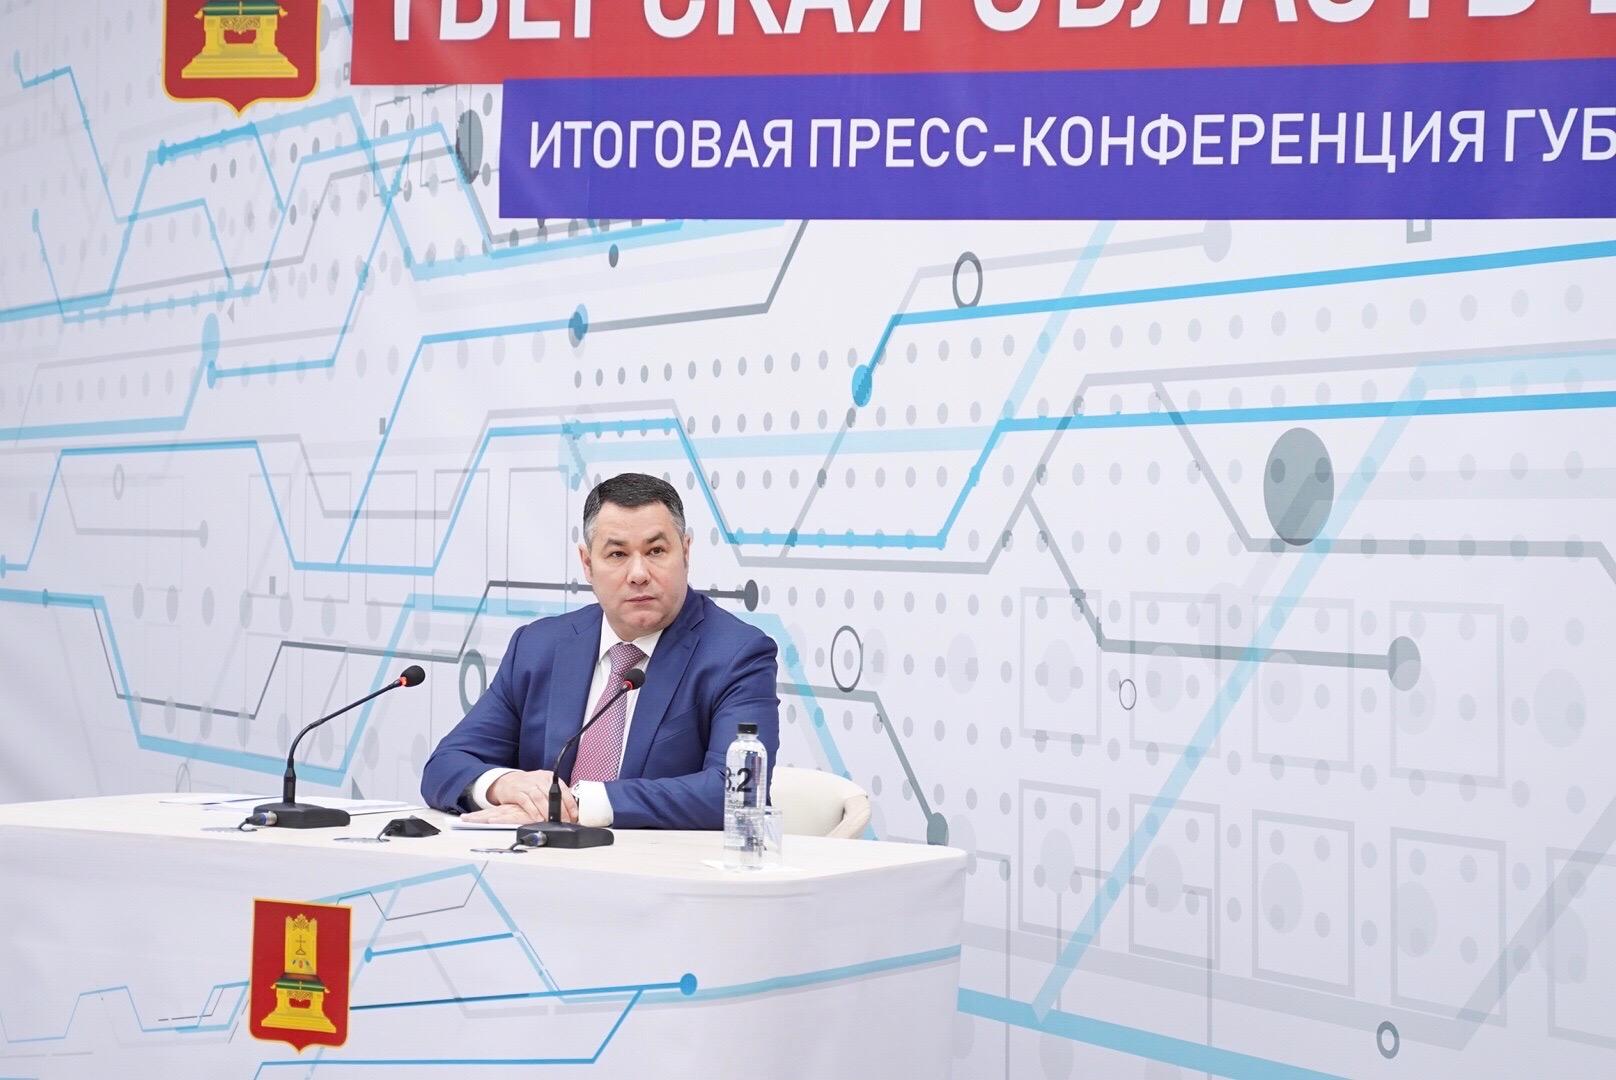 """""""ТОП Тверь"""" проведет текстовую трансляцию пресс-конференции губернатора Игоря Рудени"""